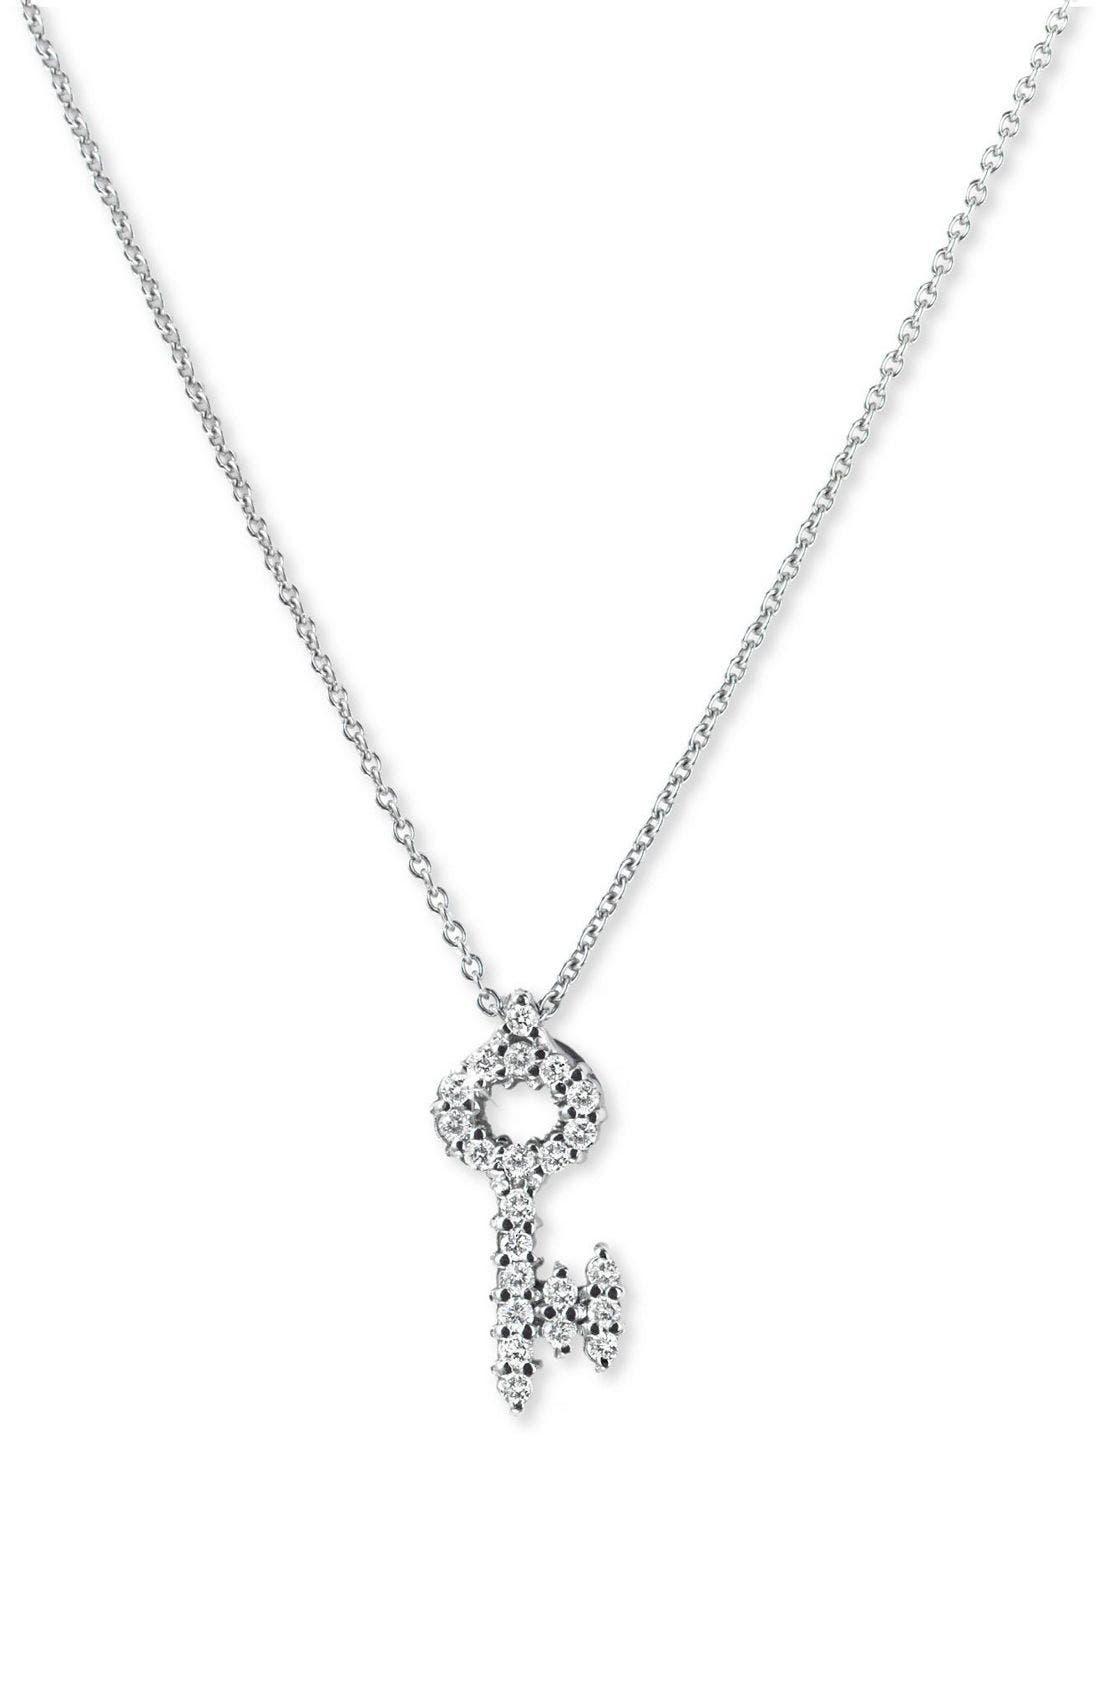 Main Image - Roberto Coin 'Tiny Treasures' Diamond Baby Key Necklace